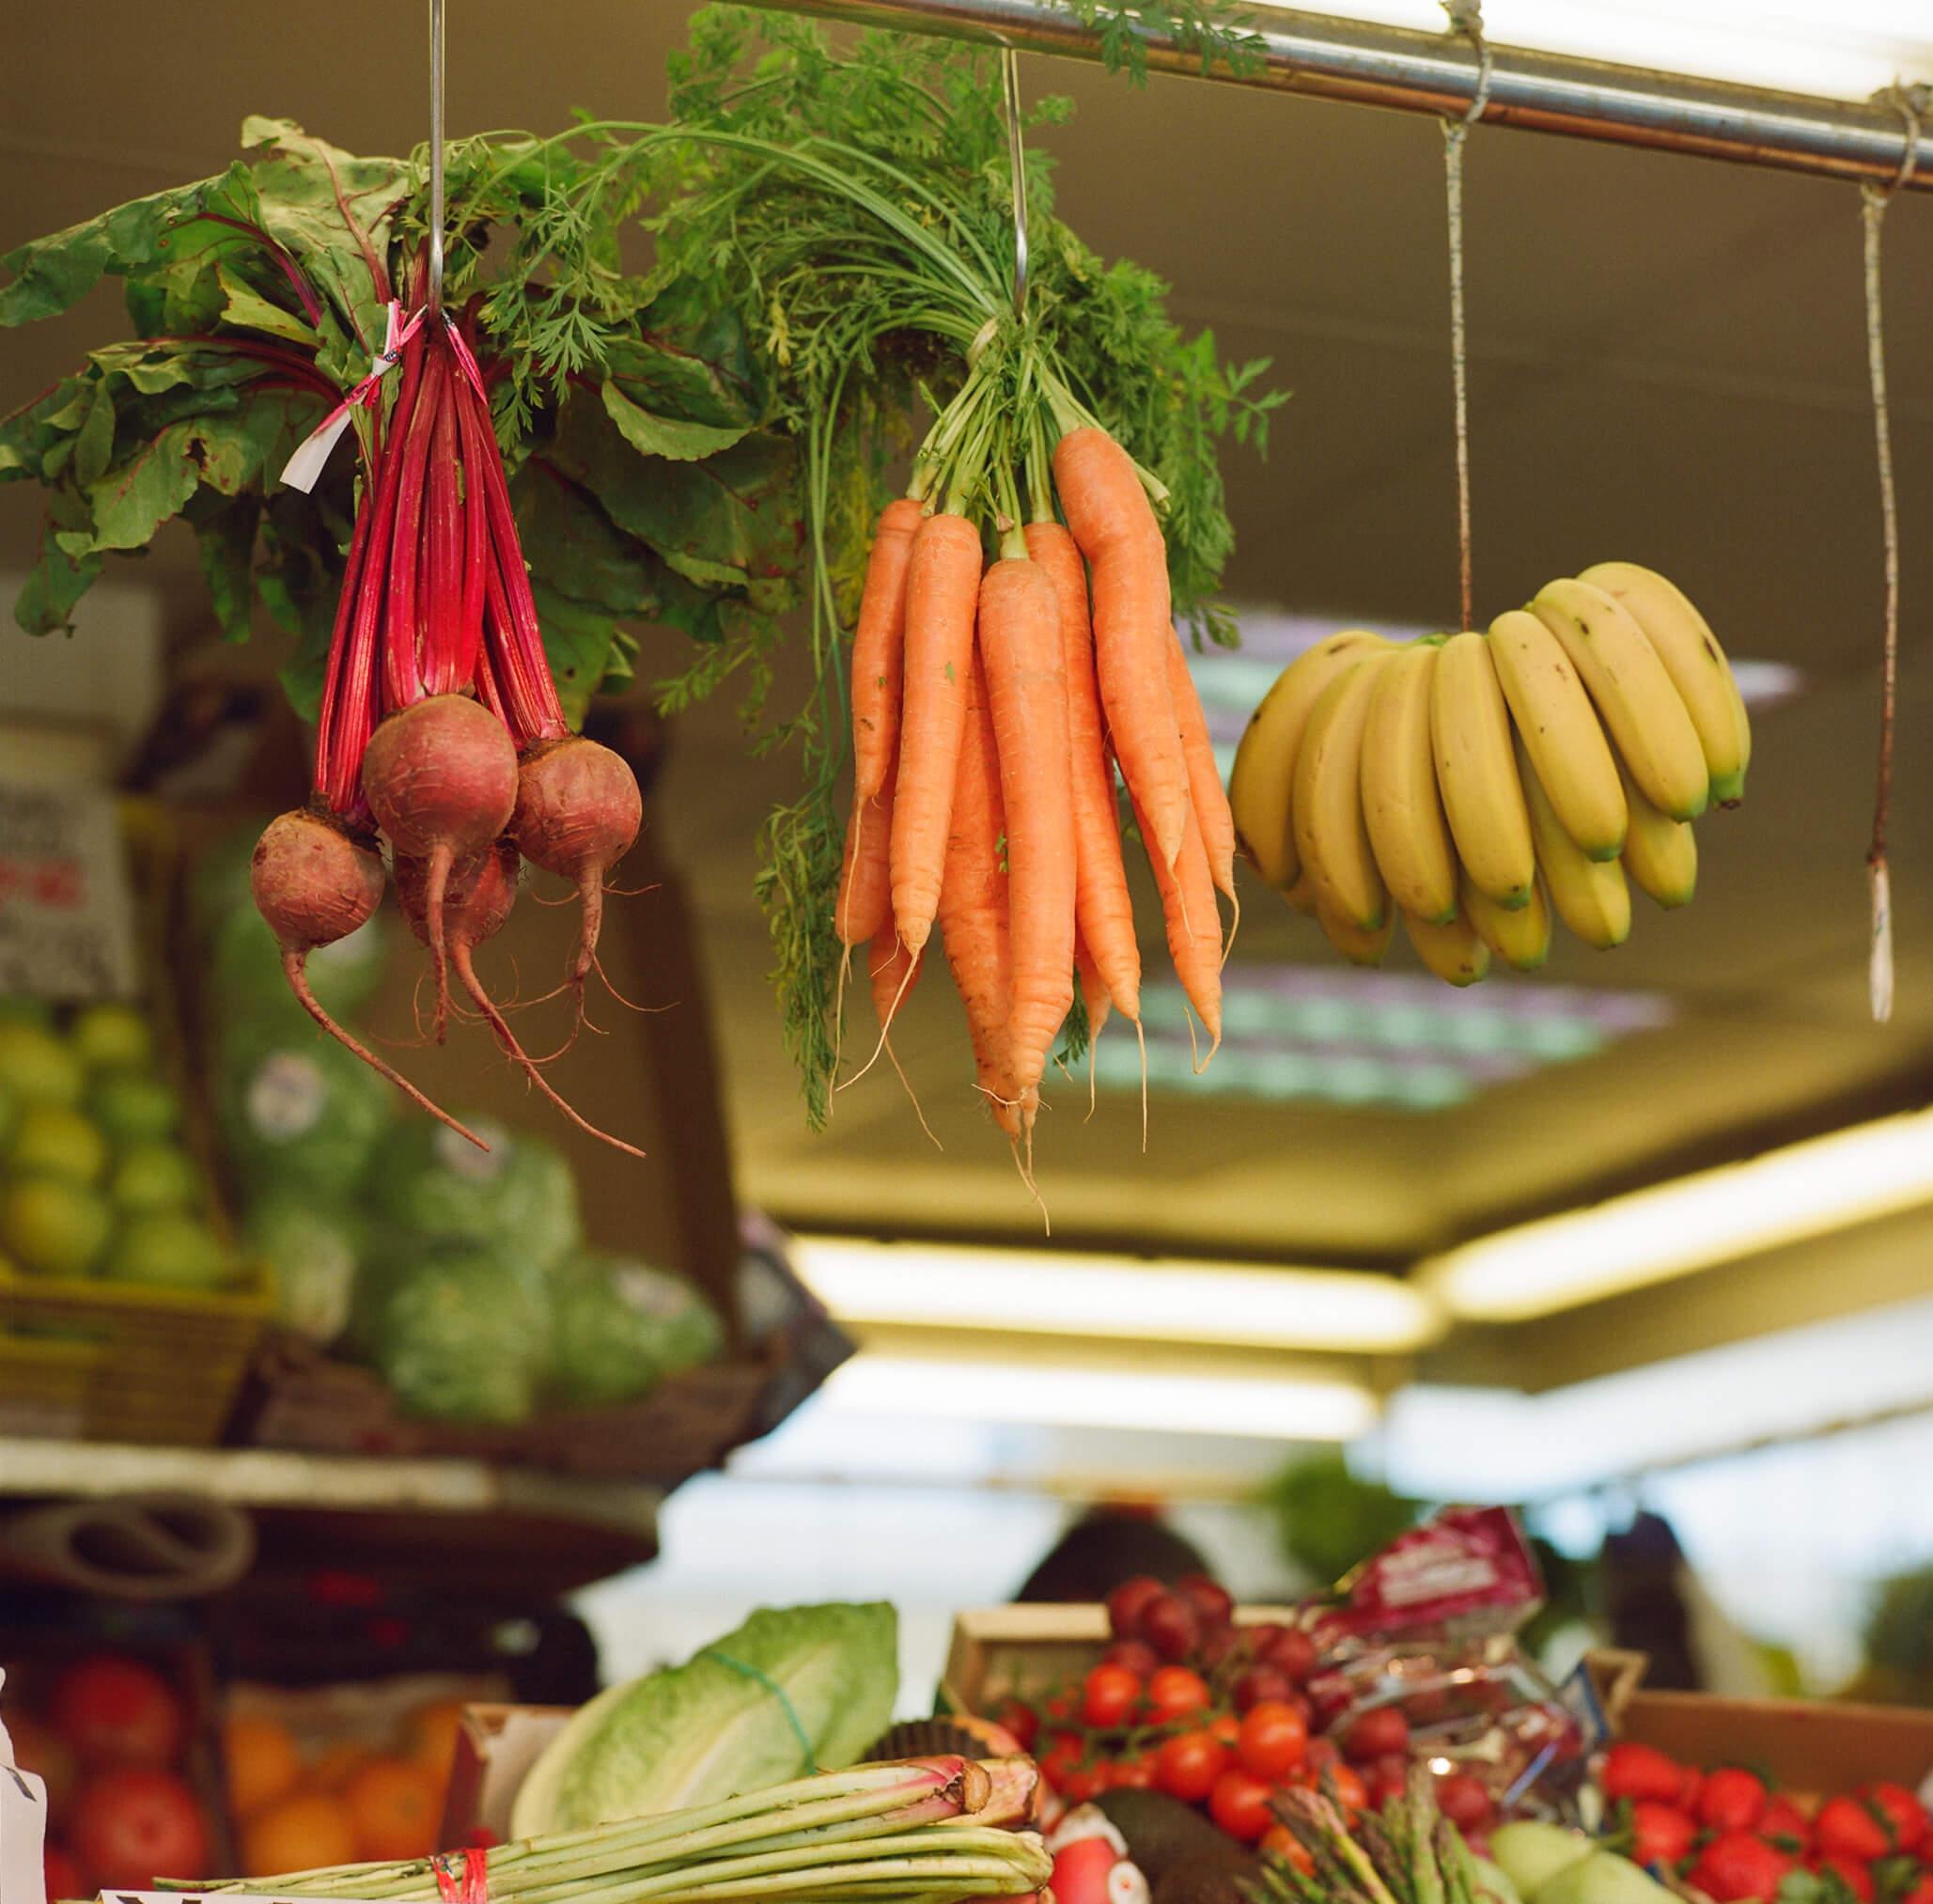 Fotografía tomada en el Mercado Central de Cádiz de una frutería